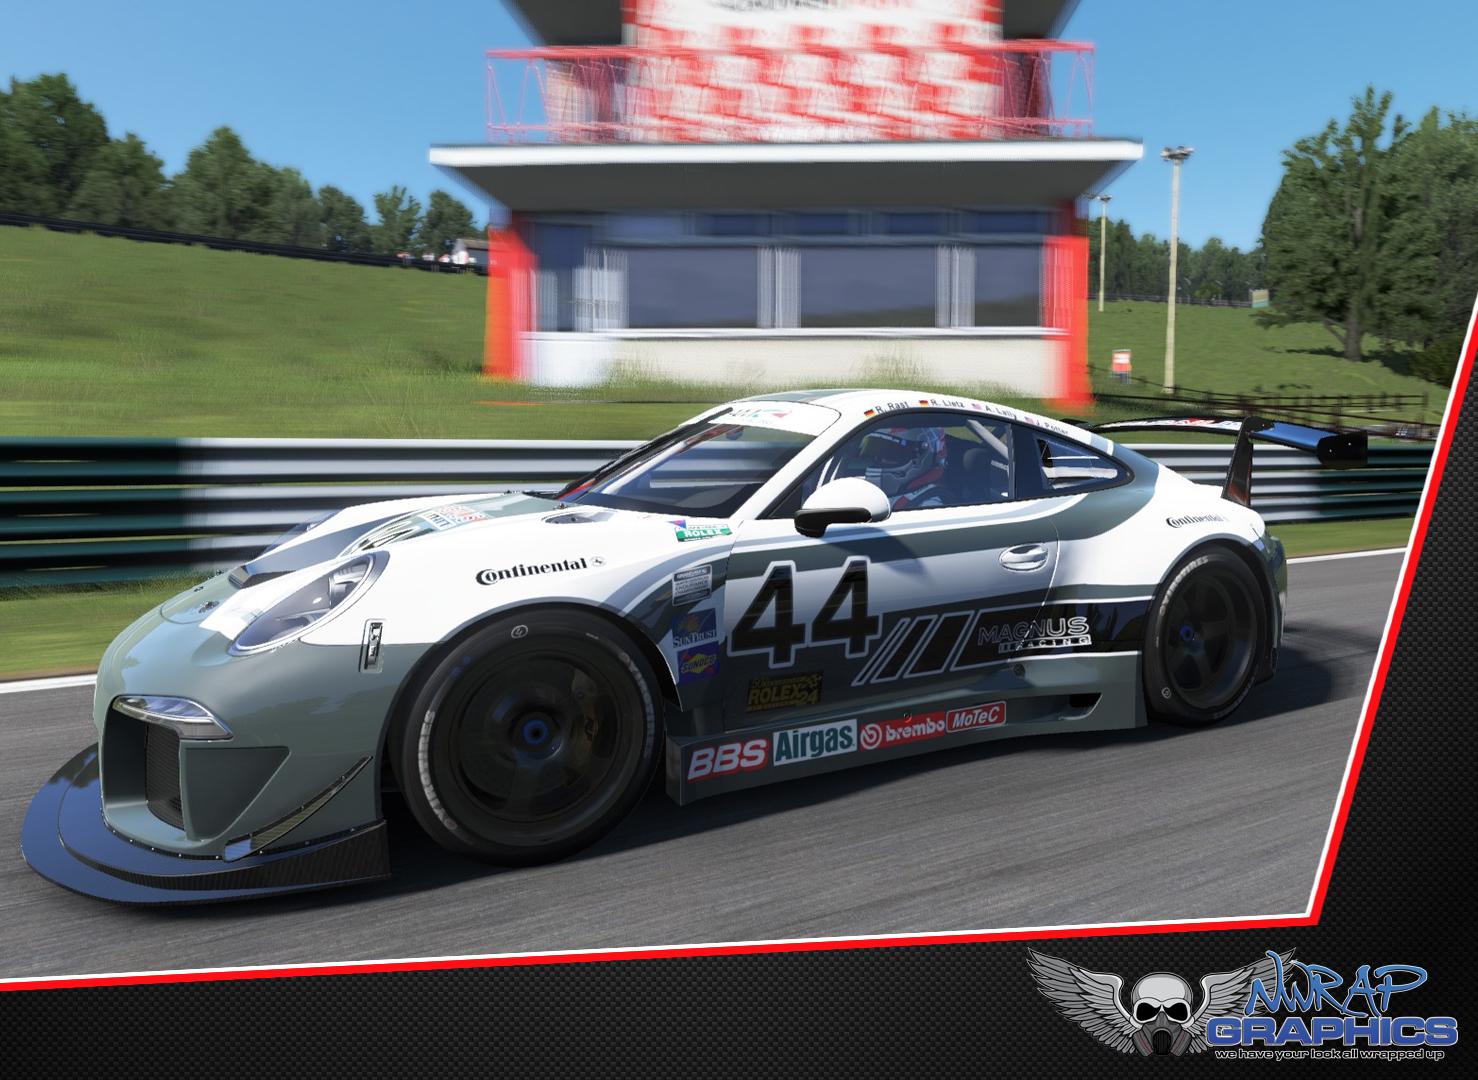 Magnus_Racing_pvw.jpg